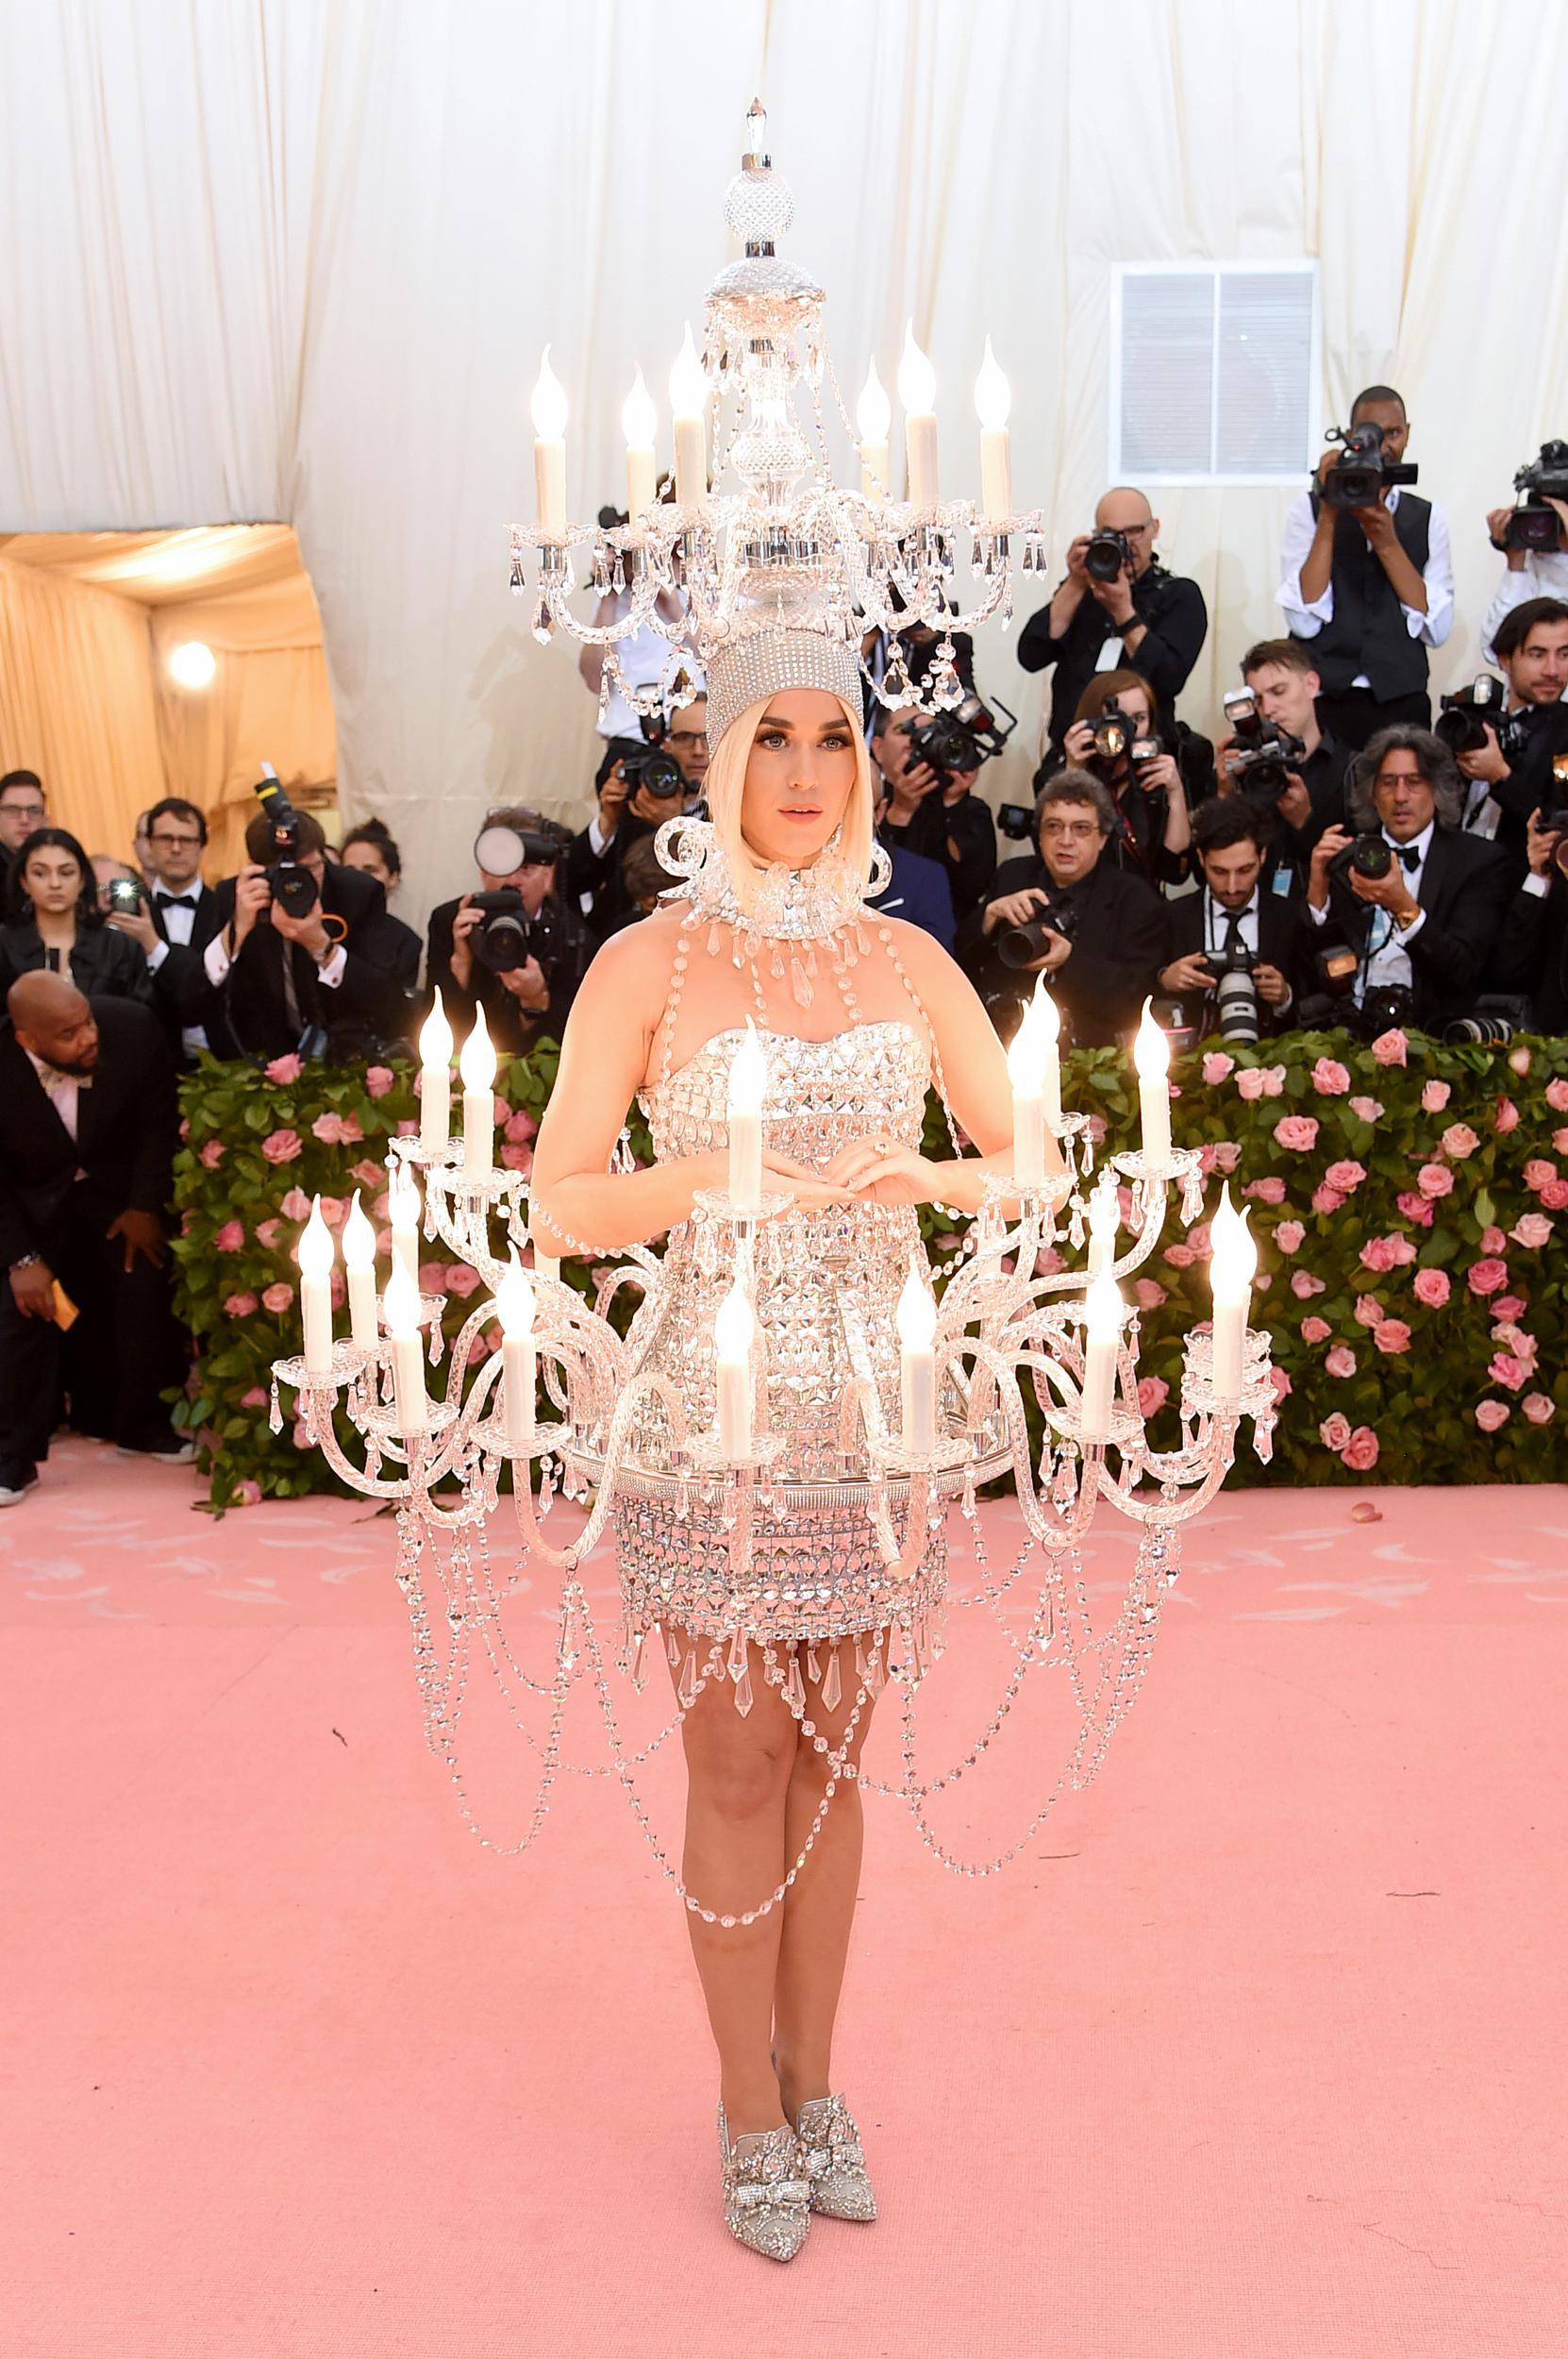 Katy Perry csillárként beragyogta a szőnyeget - csak azon aggódott, nehogy leessen a fejdísze -, majd a vacsorához átöltözött egy óriási hamburgernek - Moschino